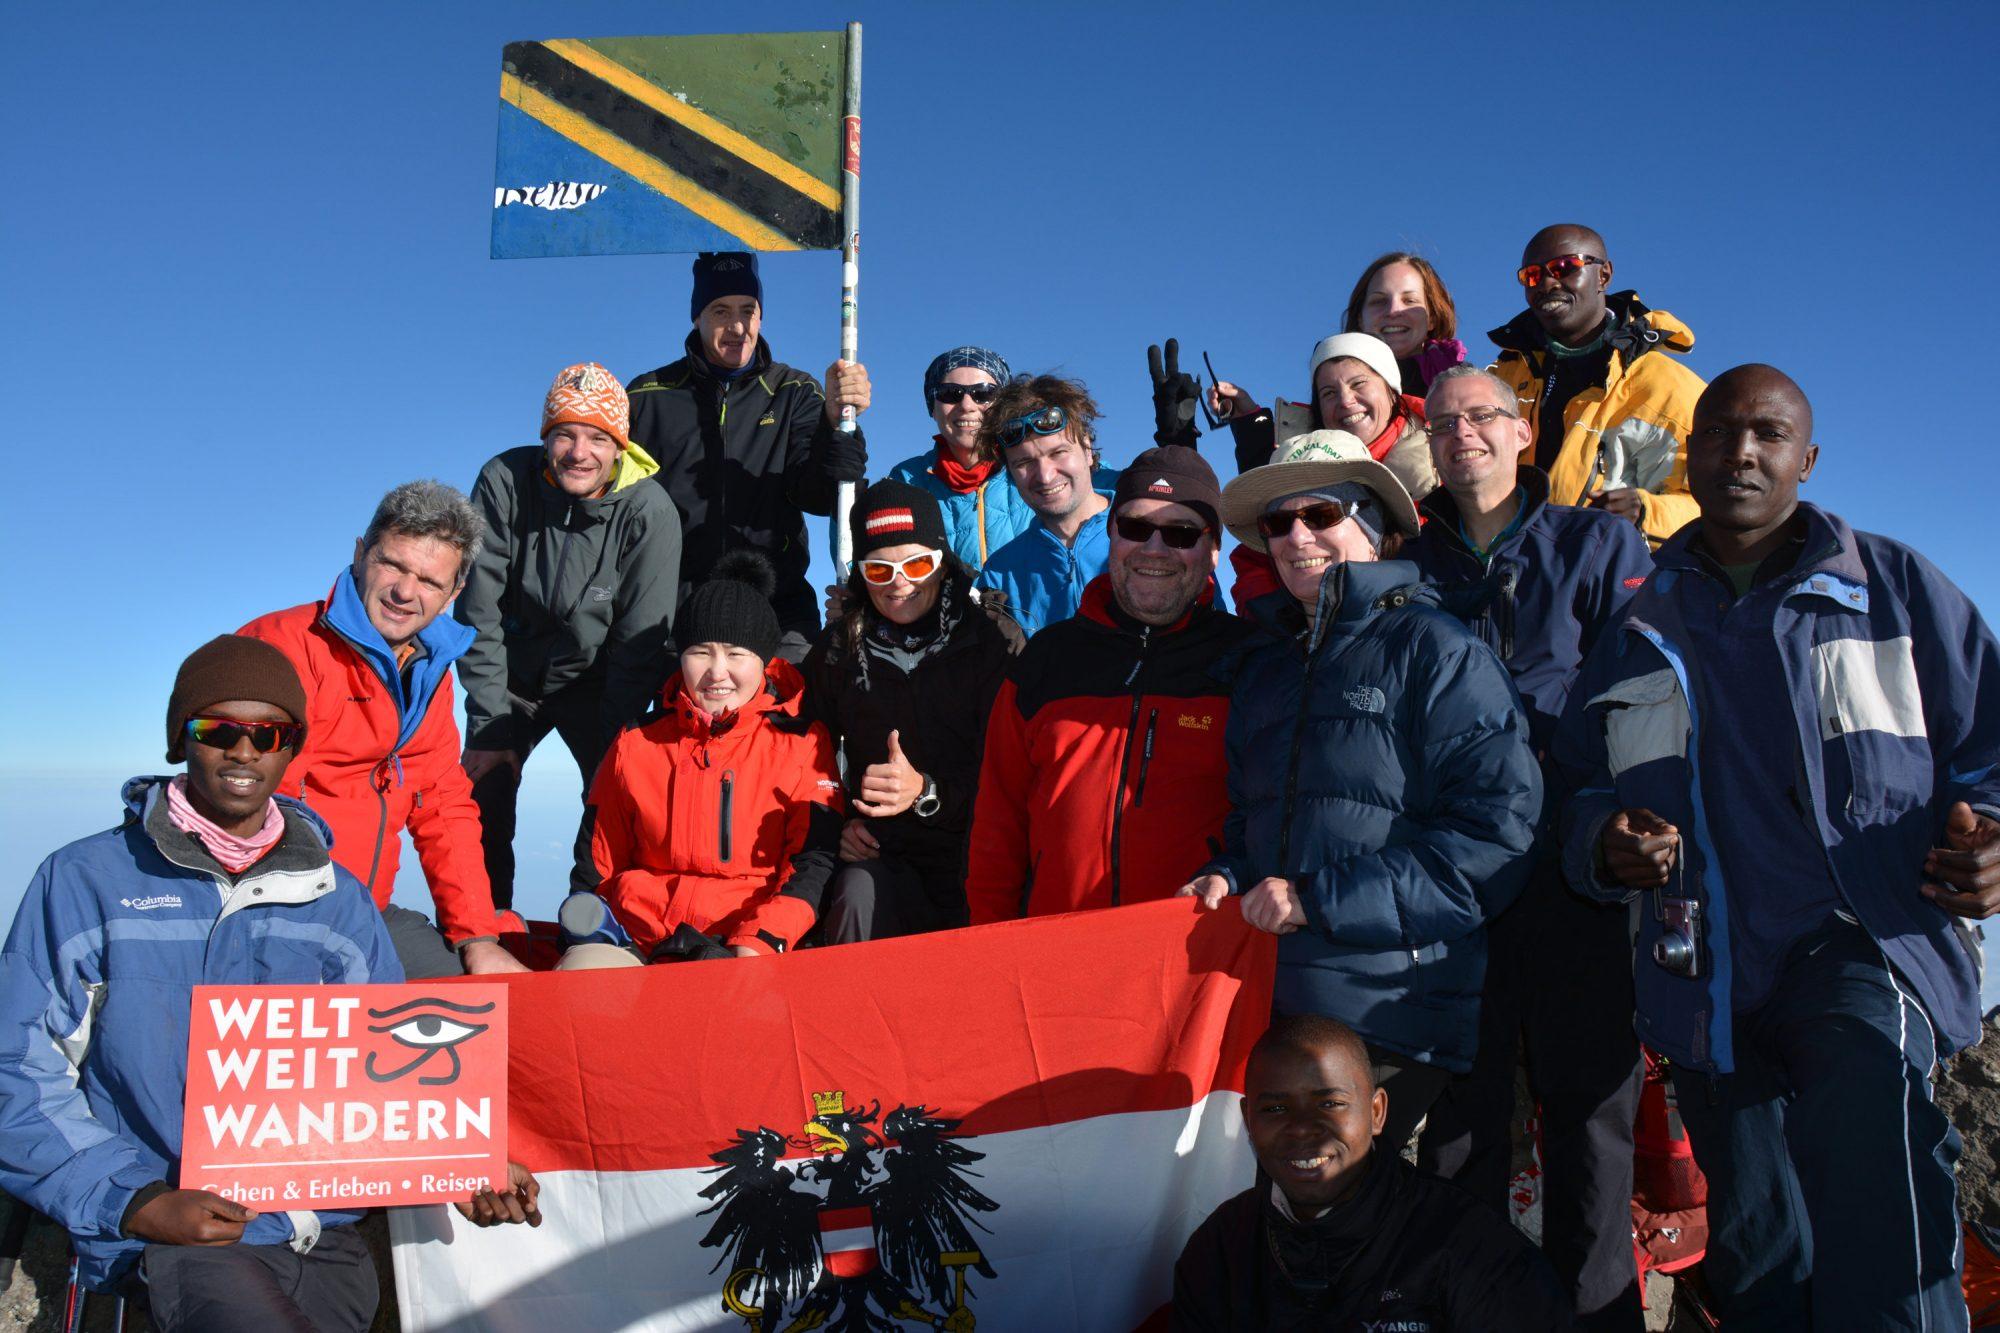 Gipfelfoto am Mount Meru, Mount Meru Besteigung, Tour, Erfahrungsbericht, Afrika, Tansania, Bergtour